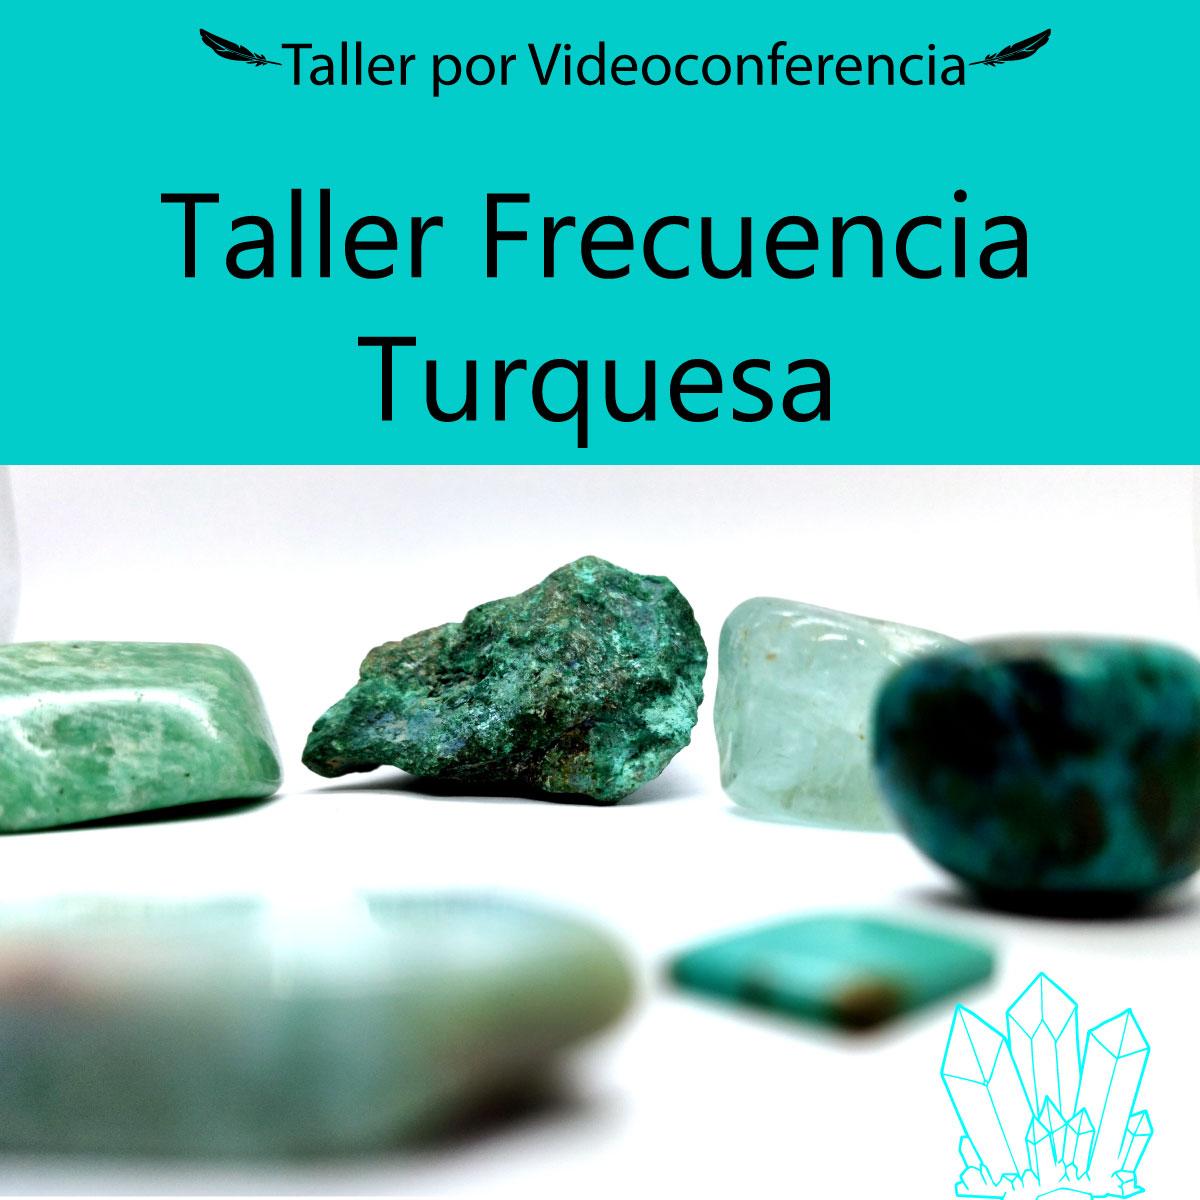 Taller Virtual Frecuencia Turquesa